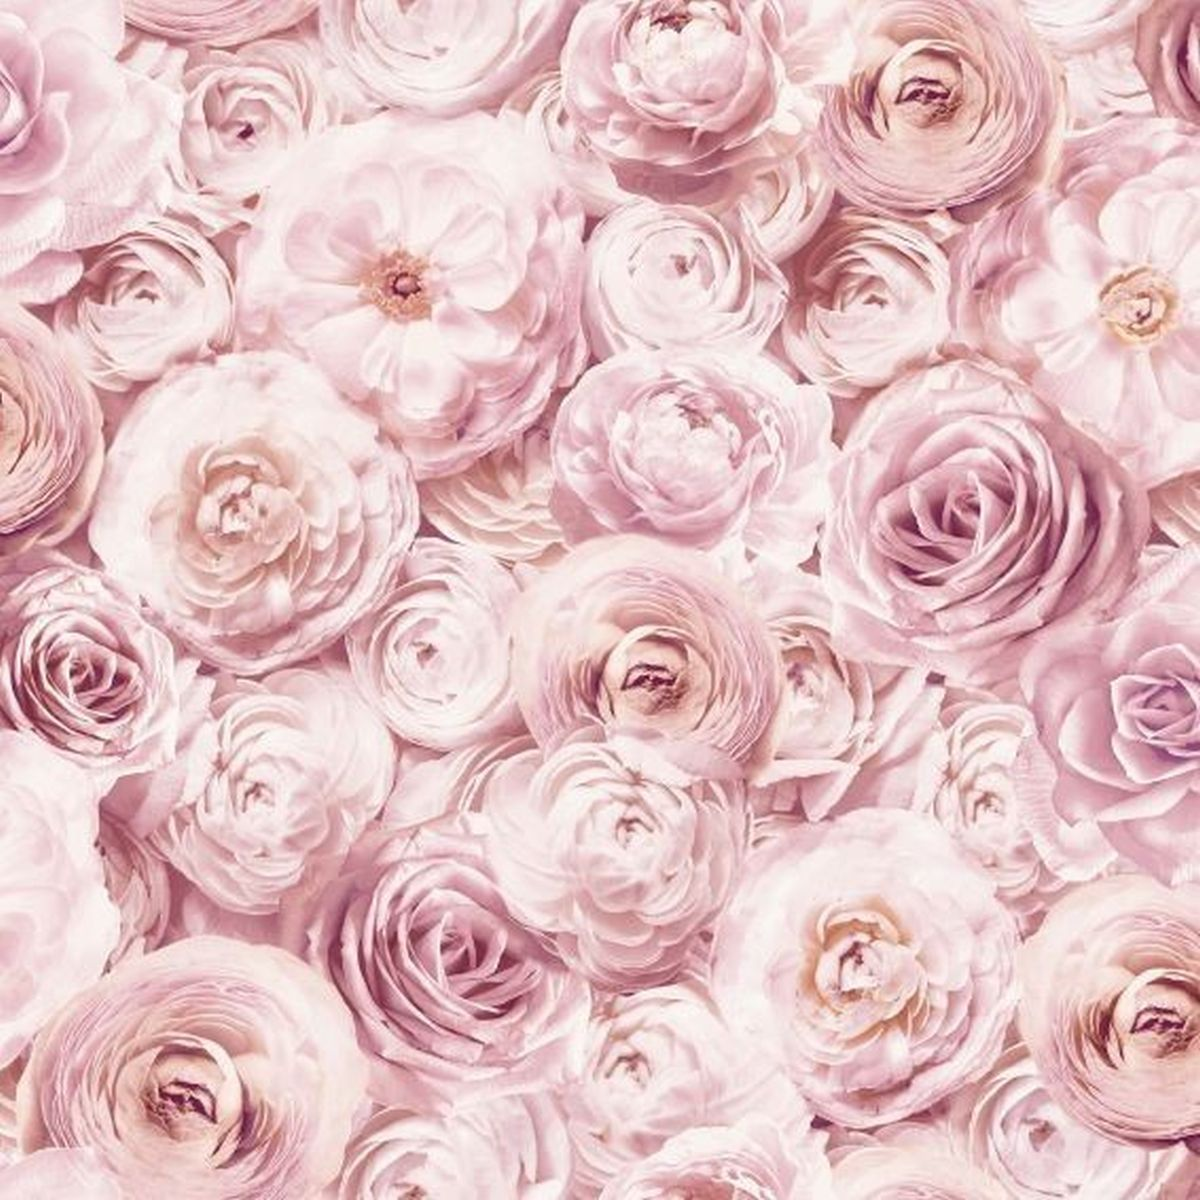 Best of Arthouse Vliestapete Erstklassige Tapete 901700 Rosa Blumentapete